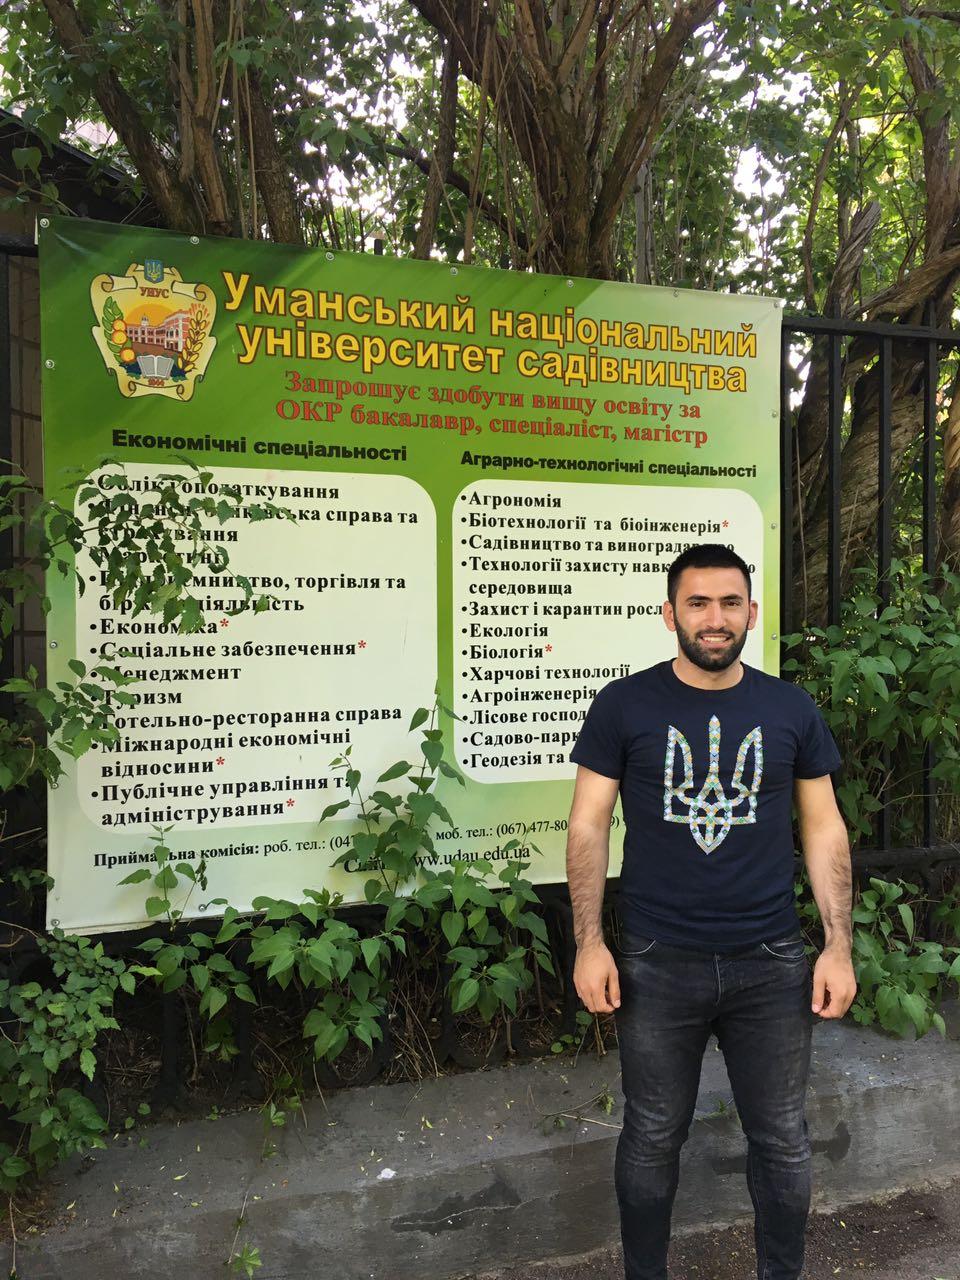 2017 yılı ilkbahar Babil Eğitim Ukrayna üniversiteleri gezisi